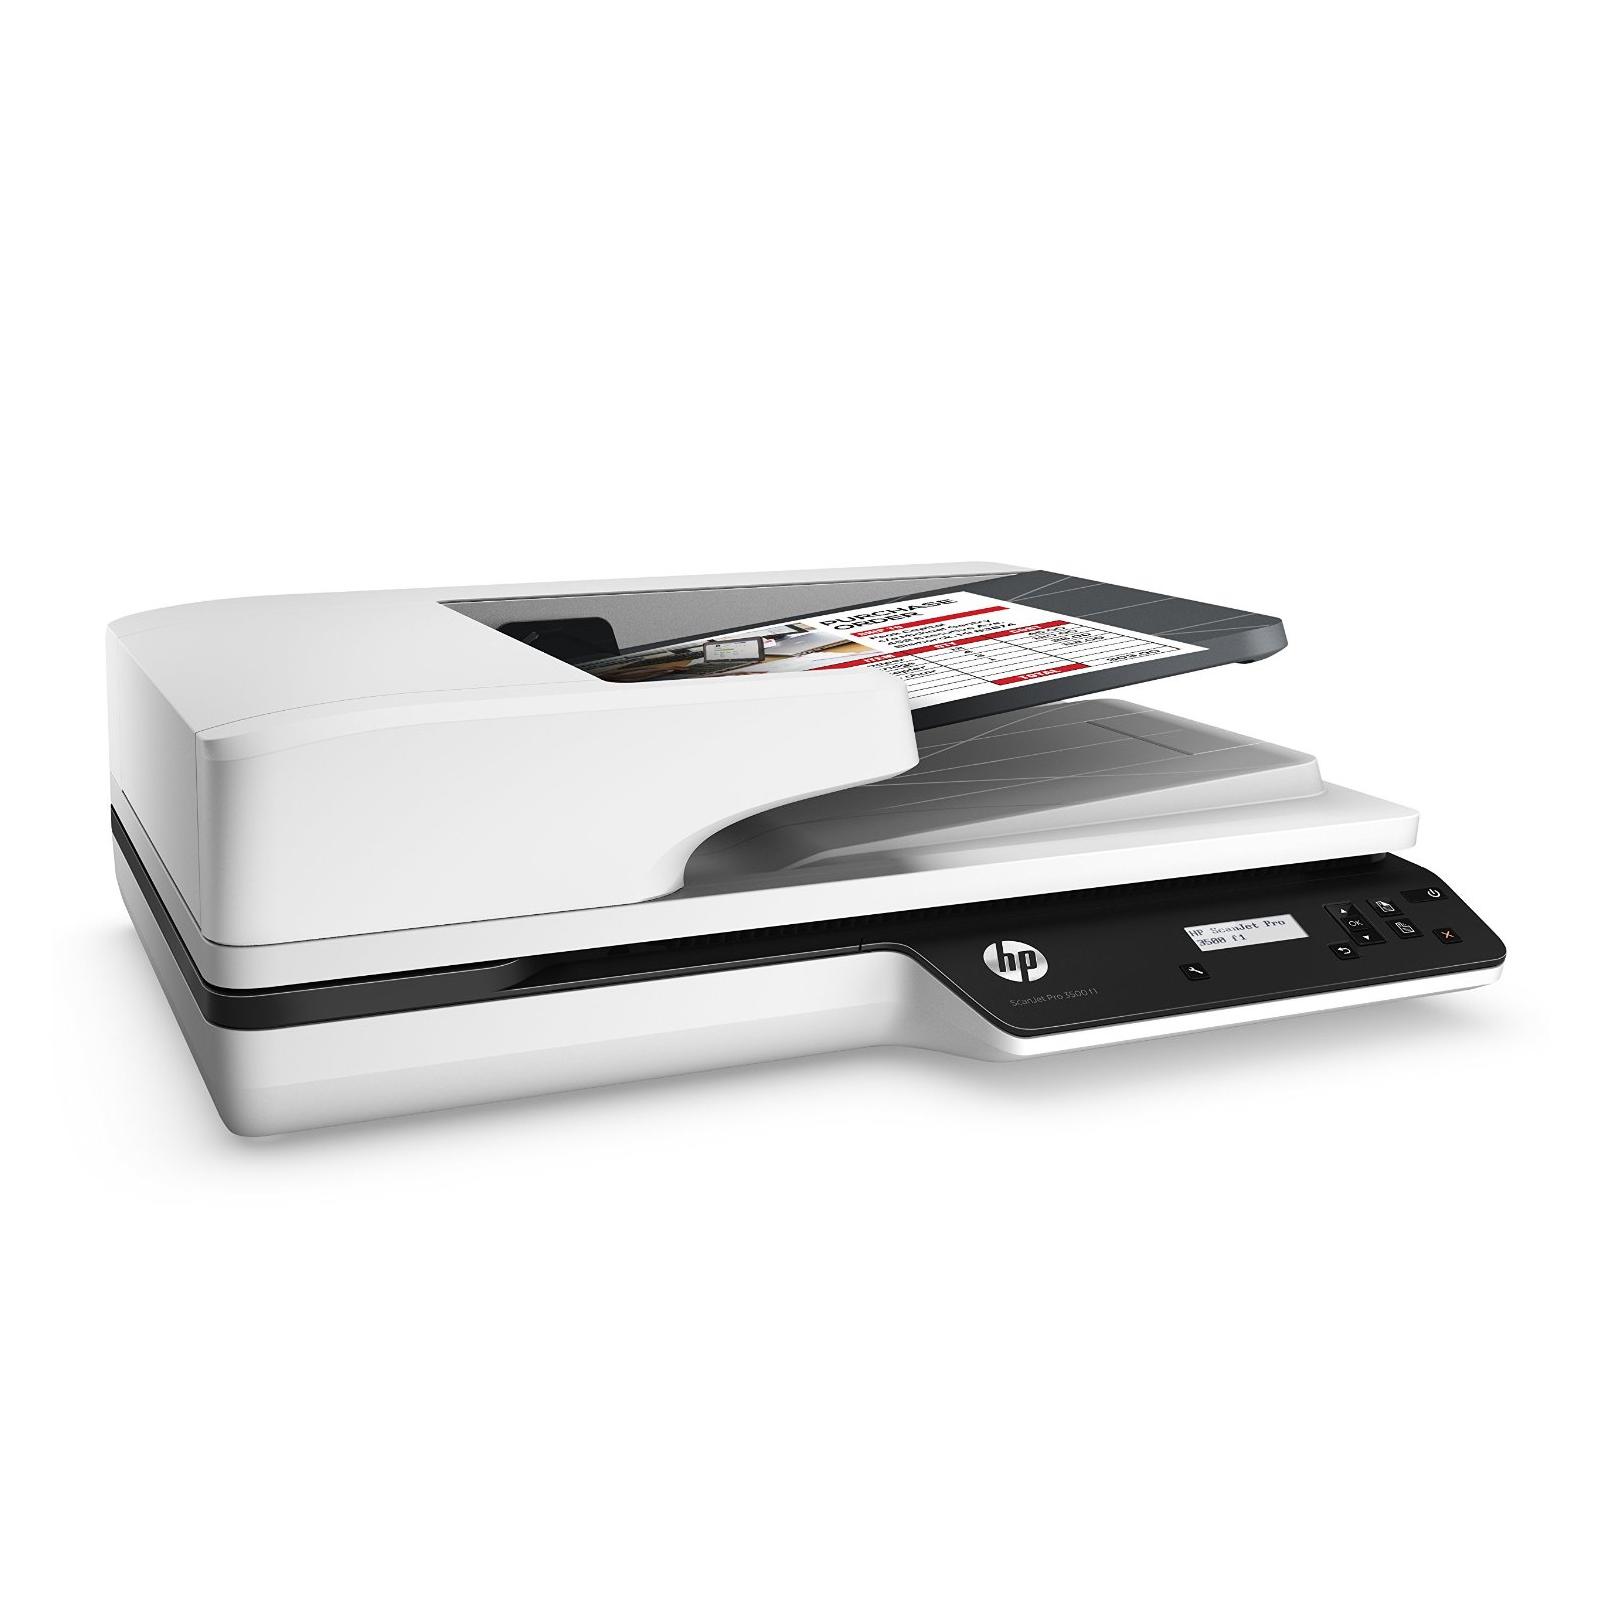 Сканер HP Scan Jet Pro 3500 f1 (L2741A) изображение 3